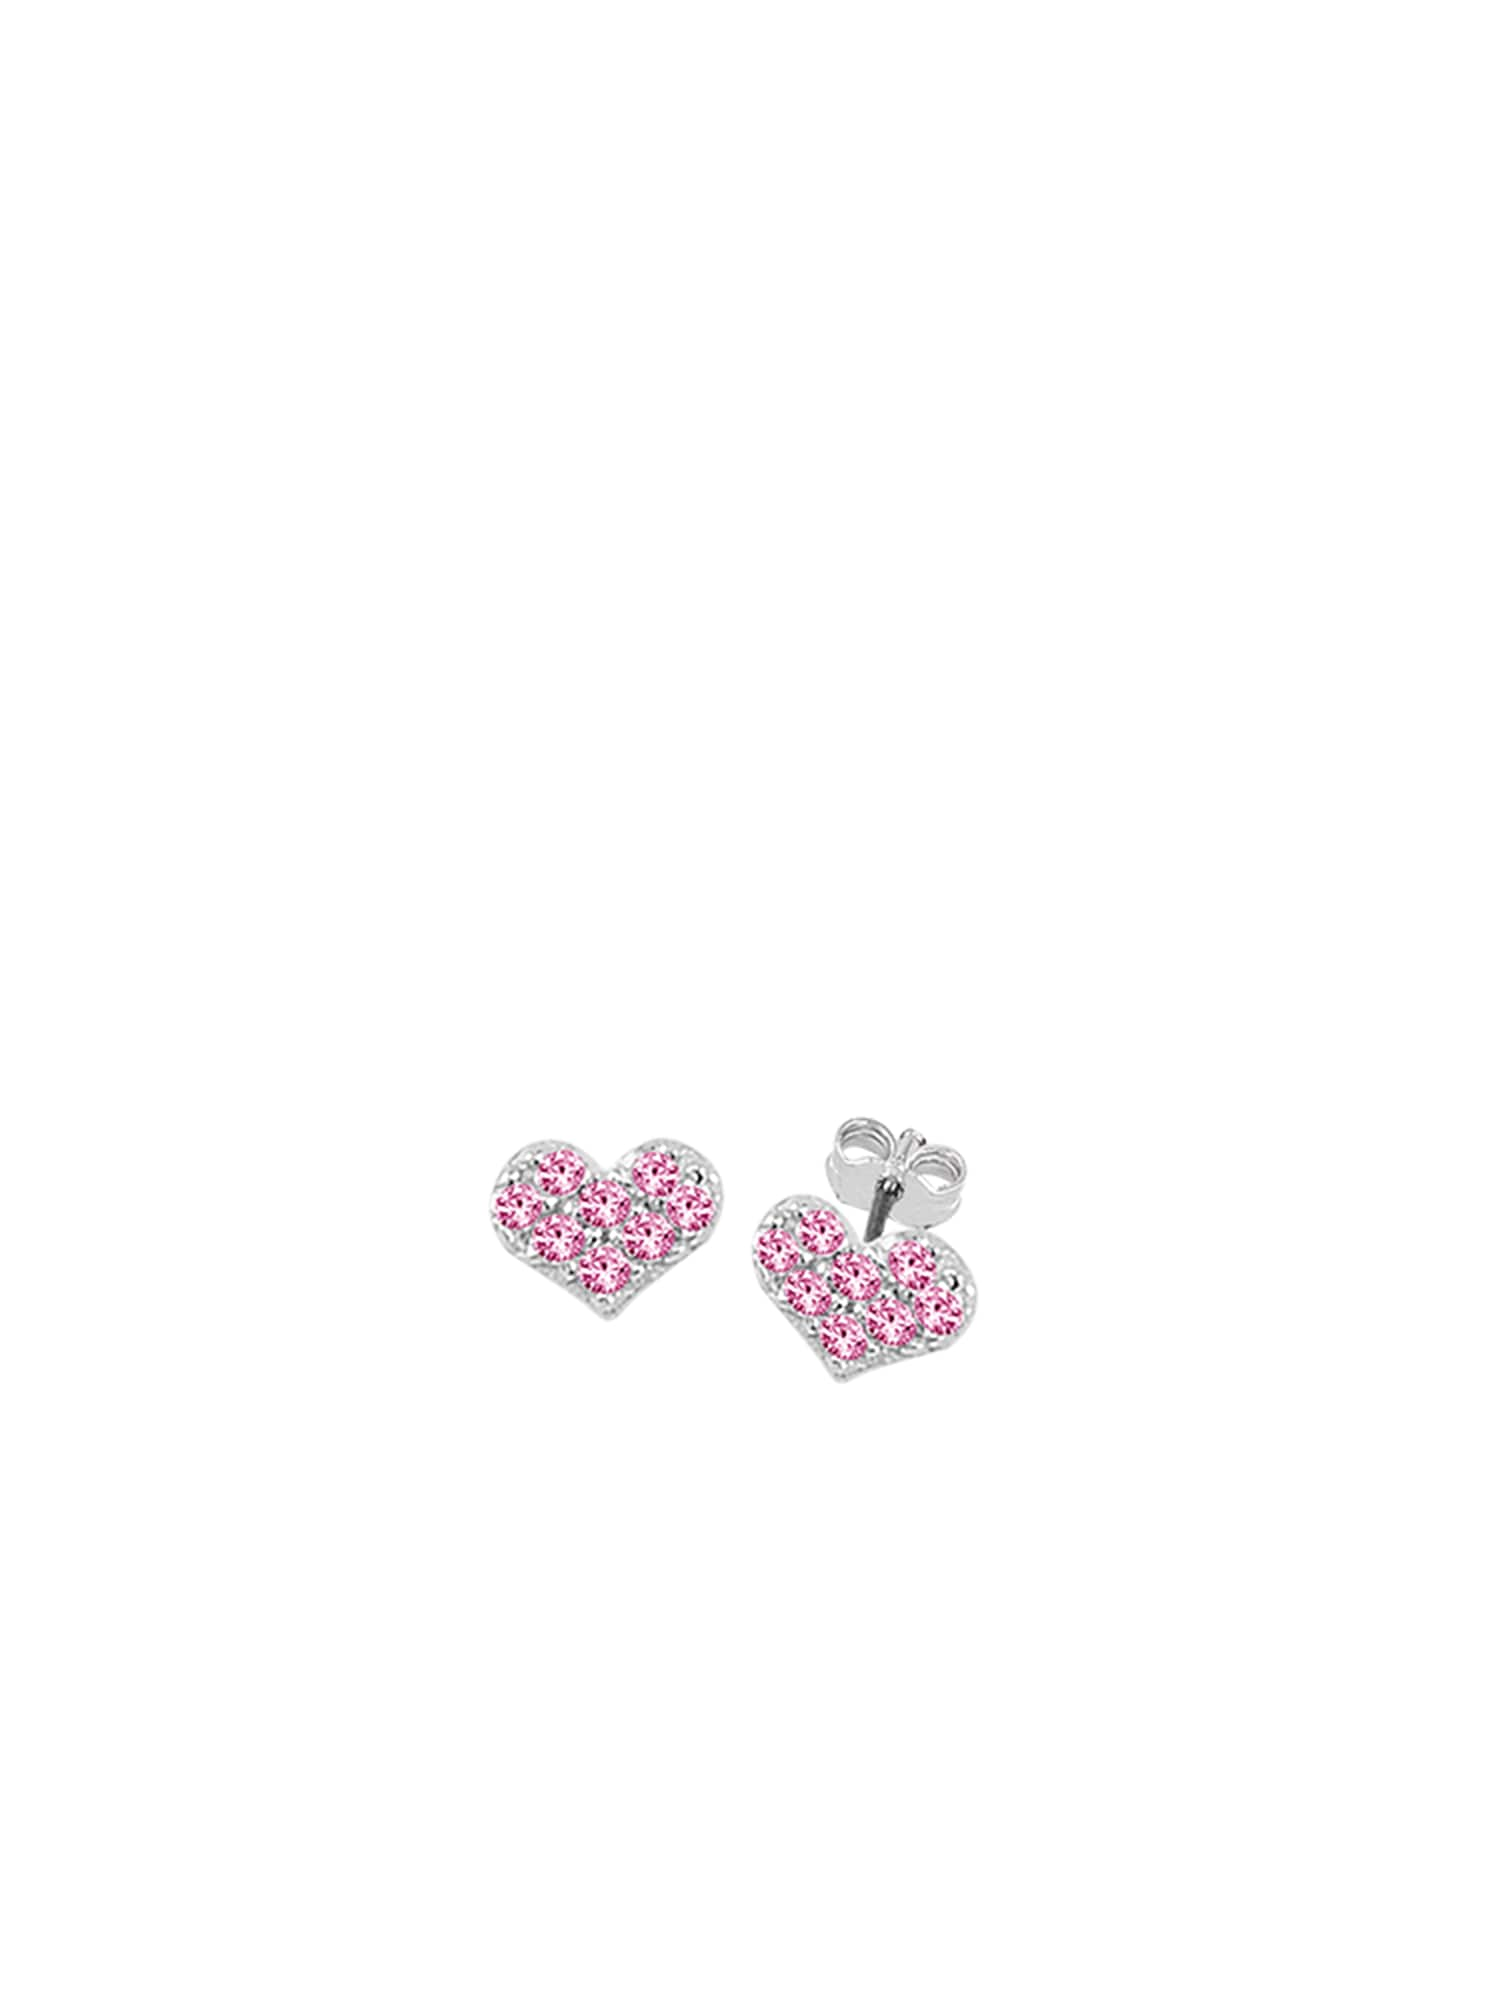 Náušnice LOVE IS IN THE AIR pink stříbrná SO COSI